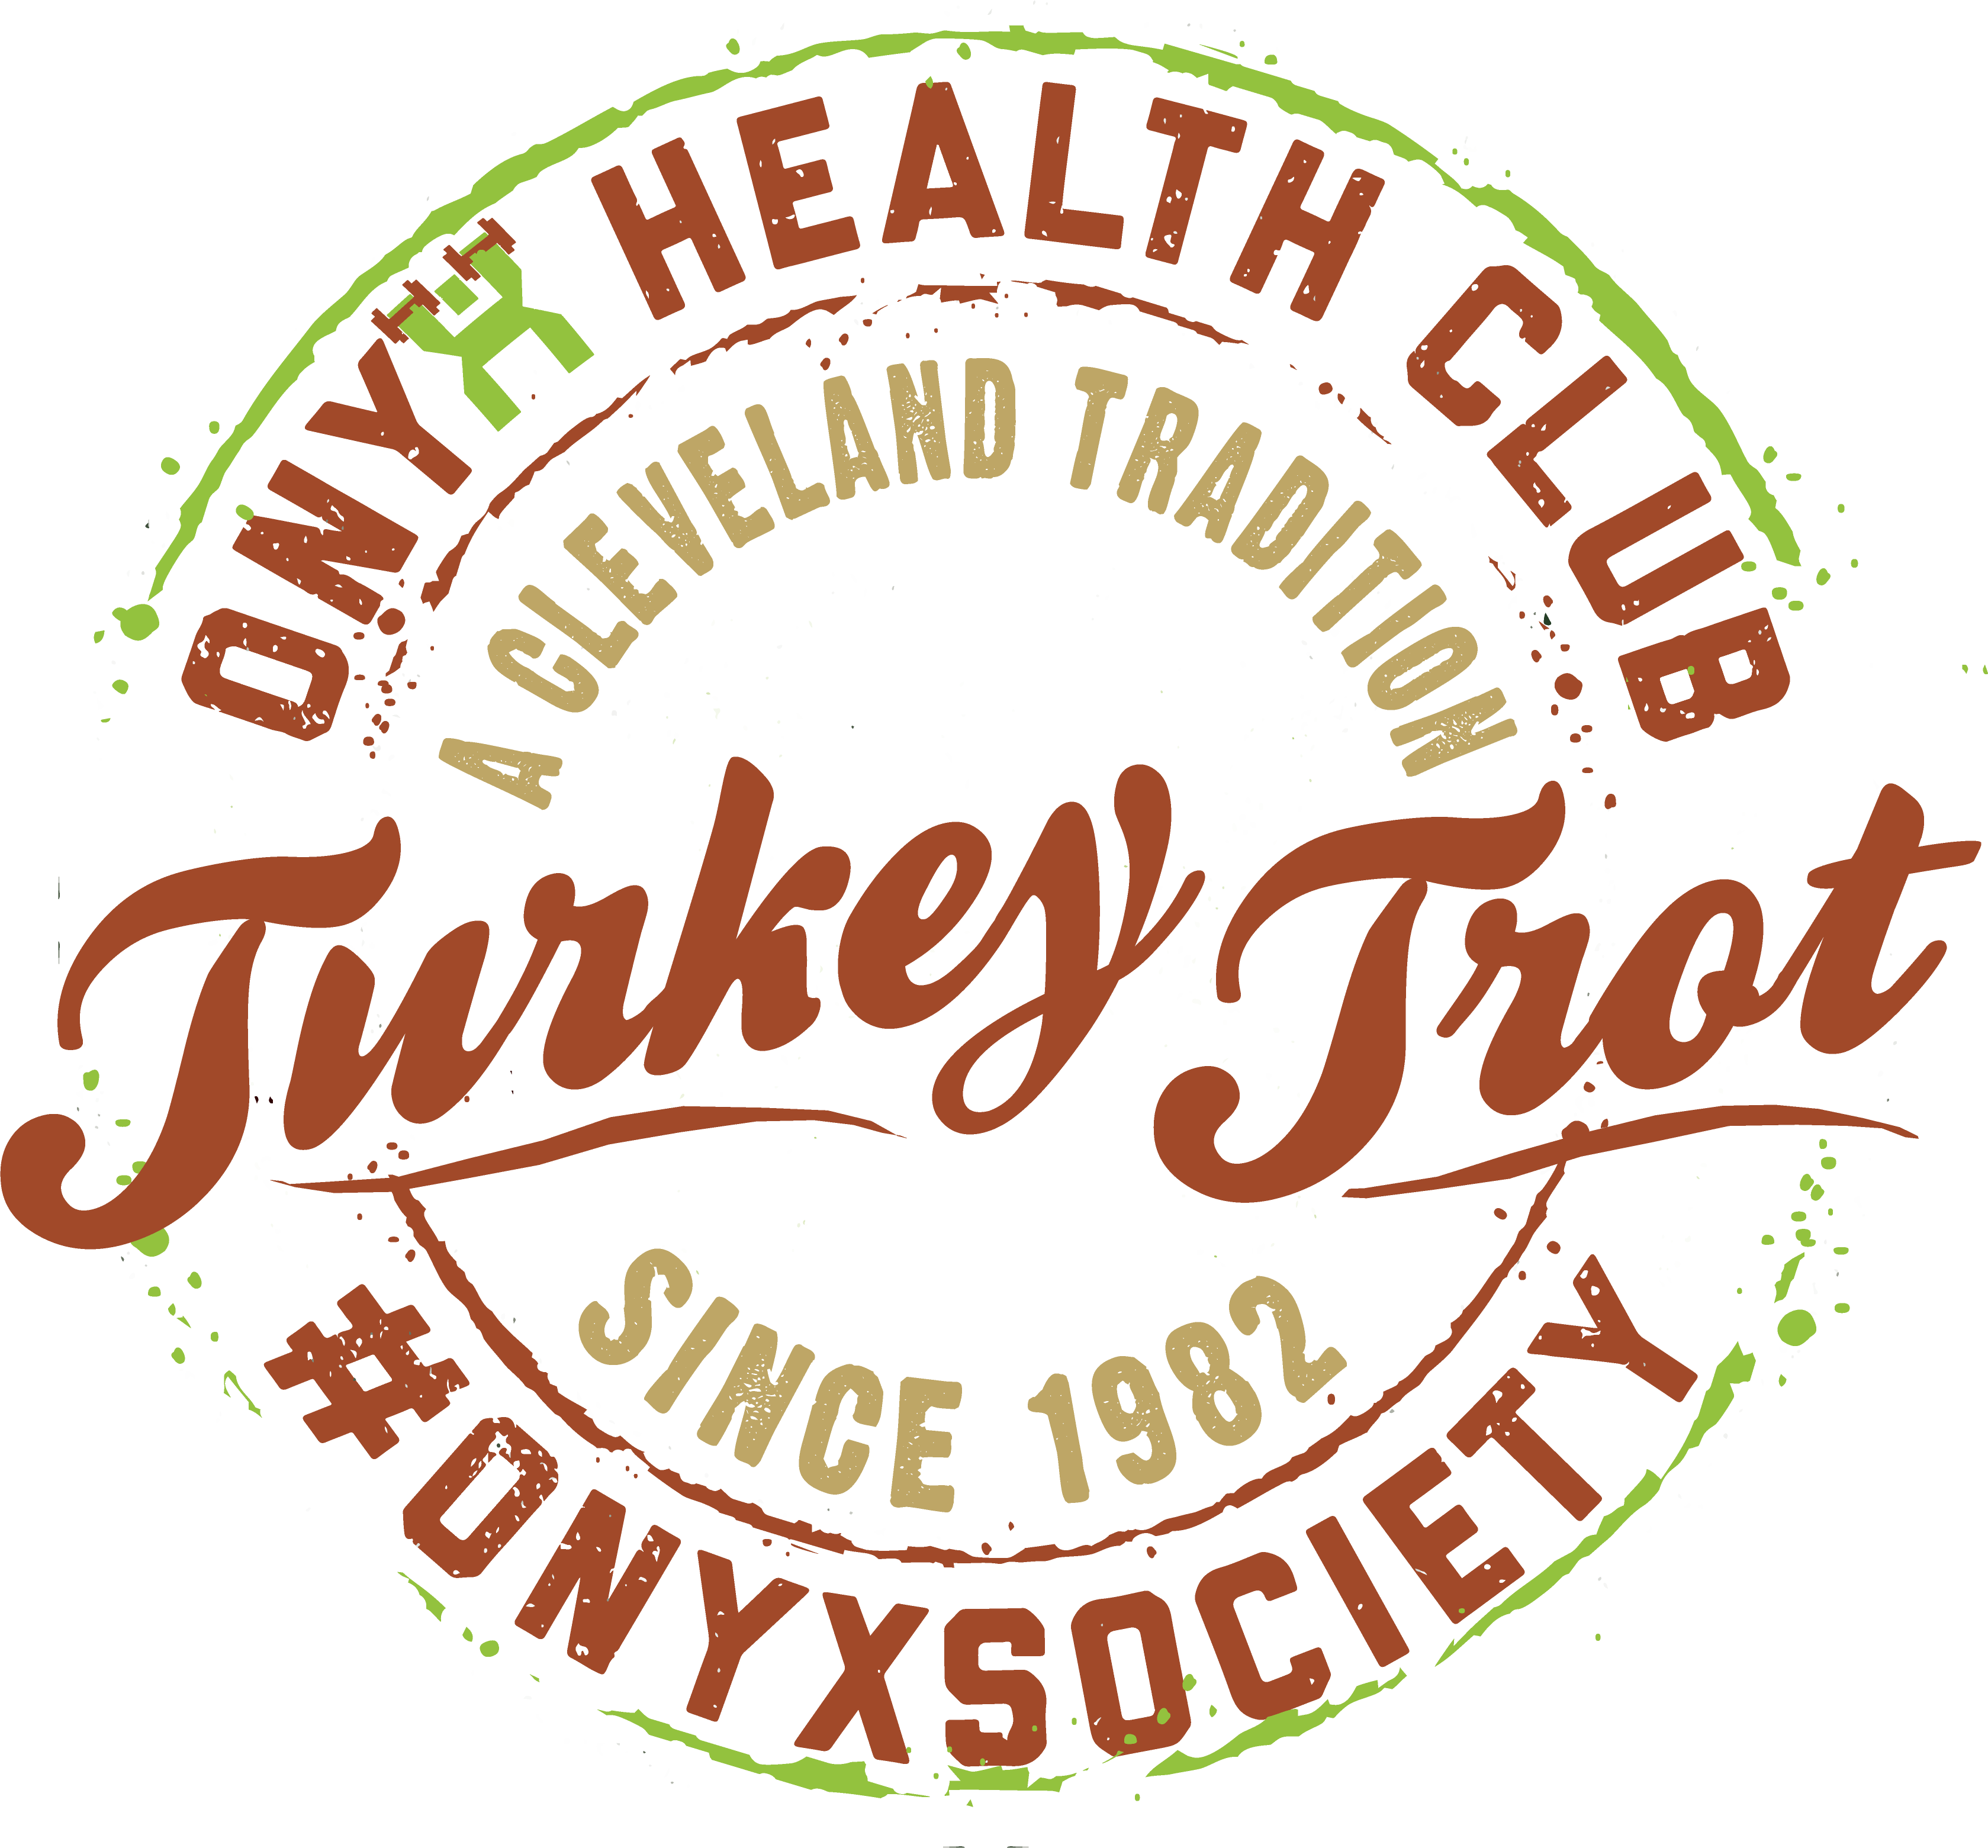 The ONYX Health Club Cleveland Turkey Trot Logo